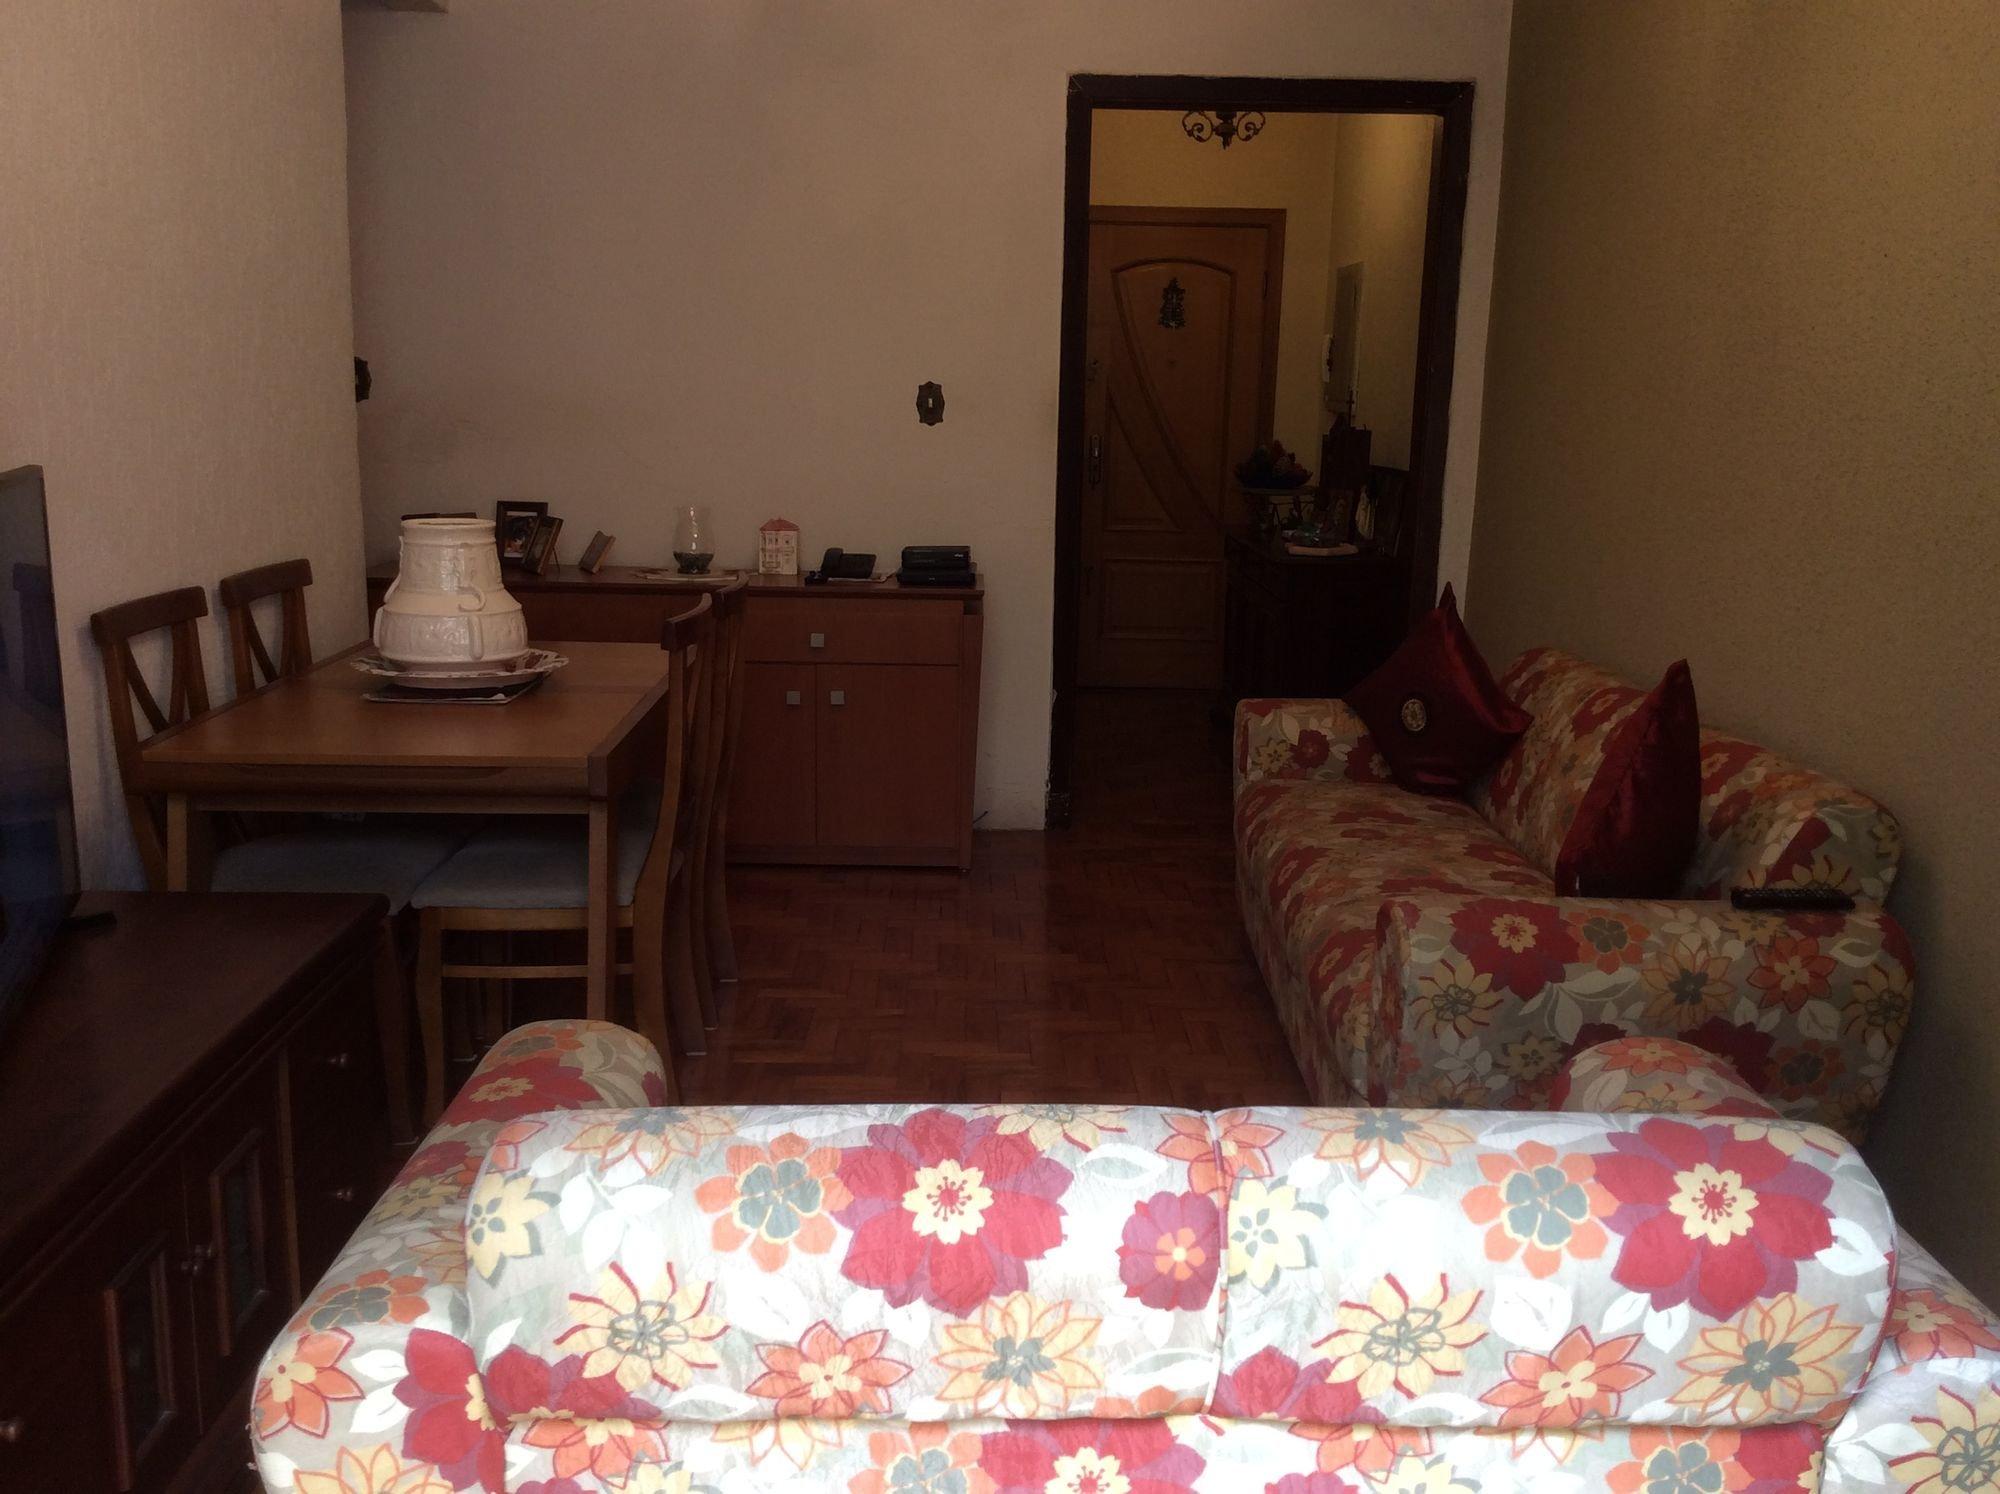 Foto de Quarto com cama, sofá, mesa de jantar